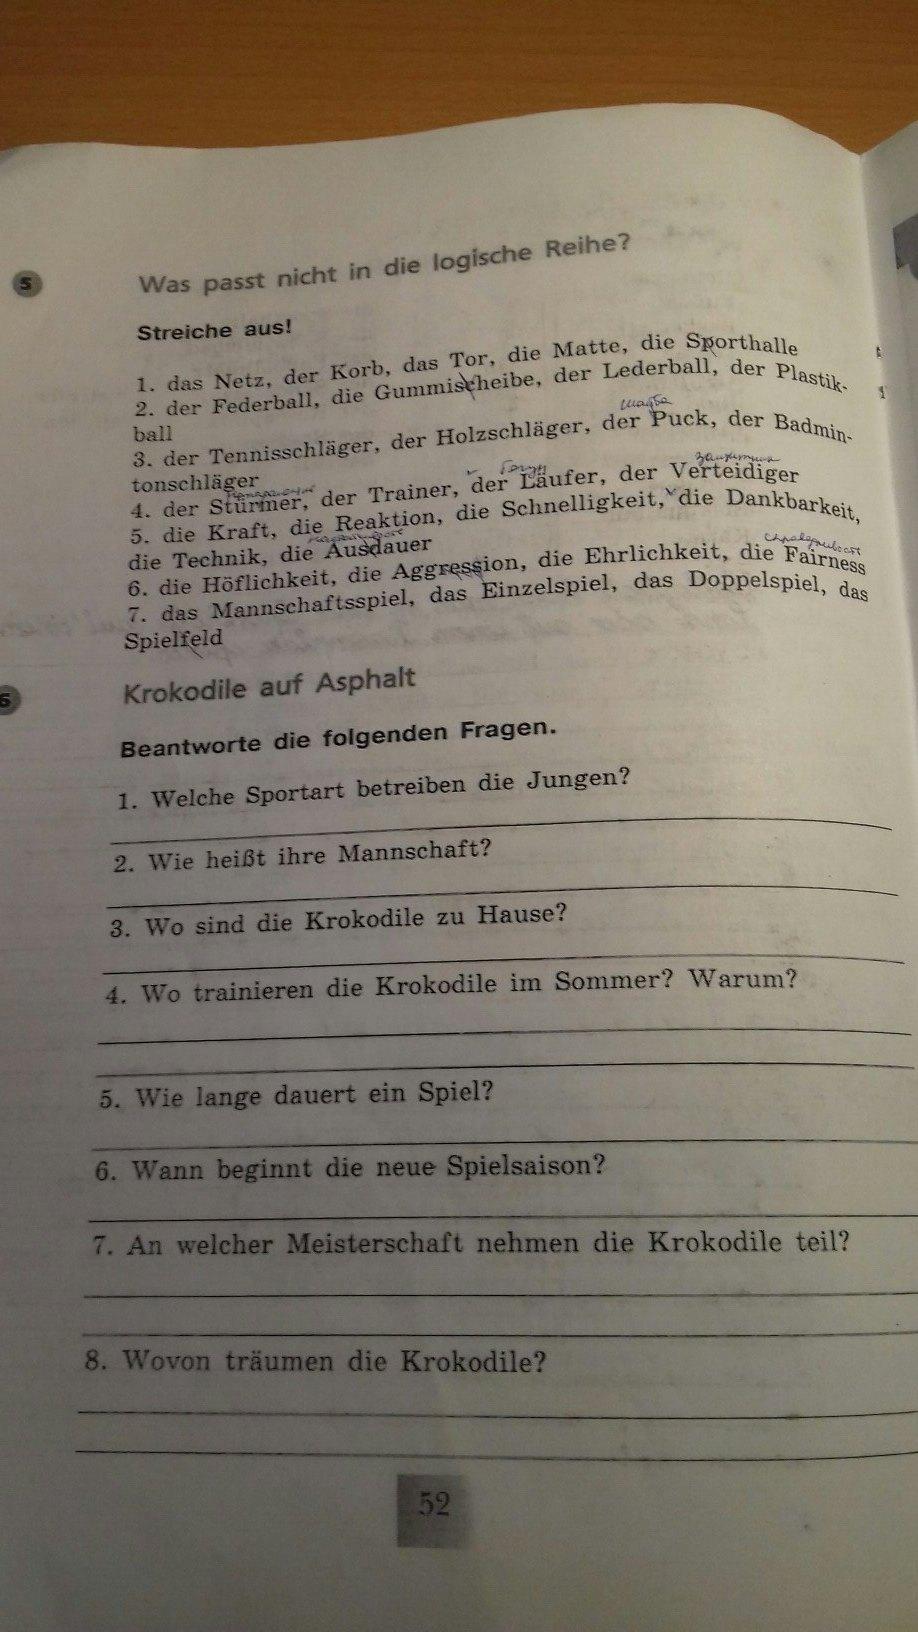 Гдз рабочая тетрадь немецкий язык класс мозаика